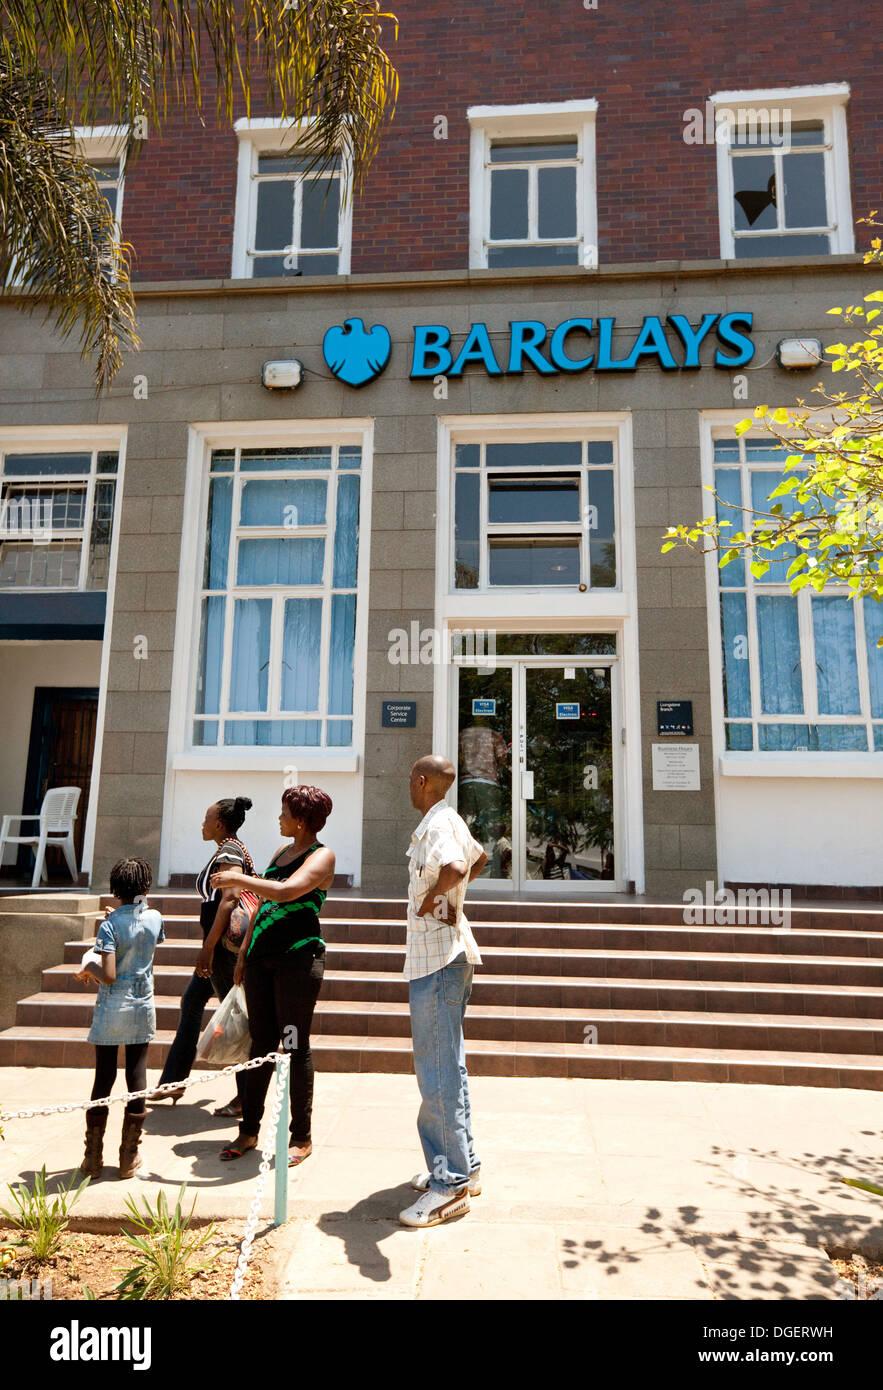 Barclays Bank, Livingstone Branch, Livingstone, Sambia, Afrika Stockbild